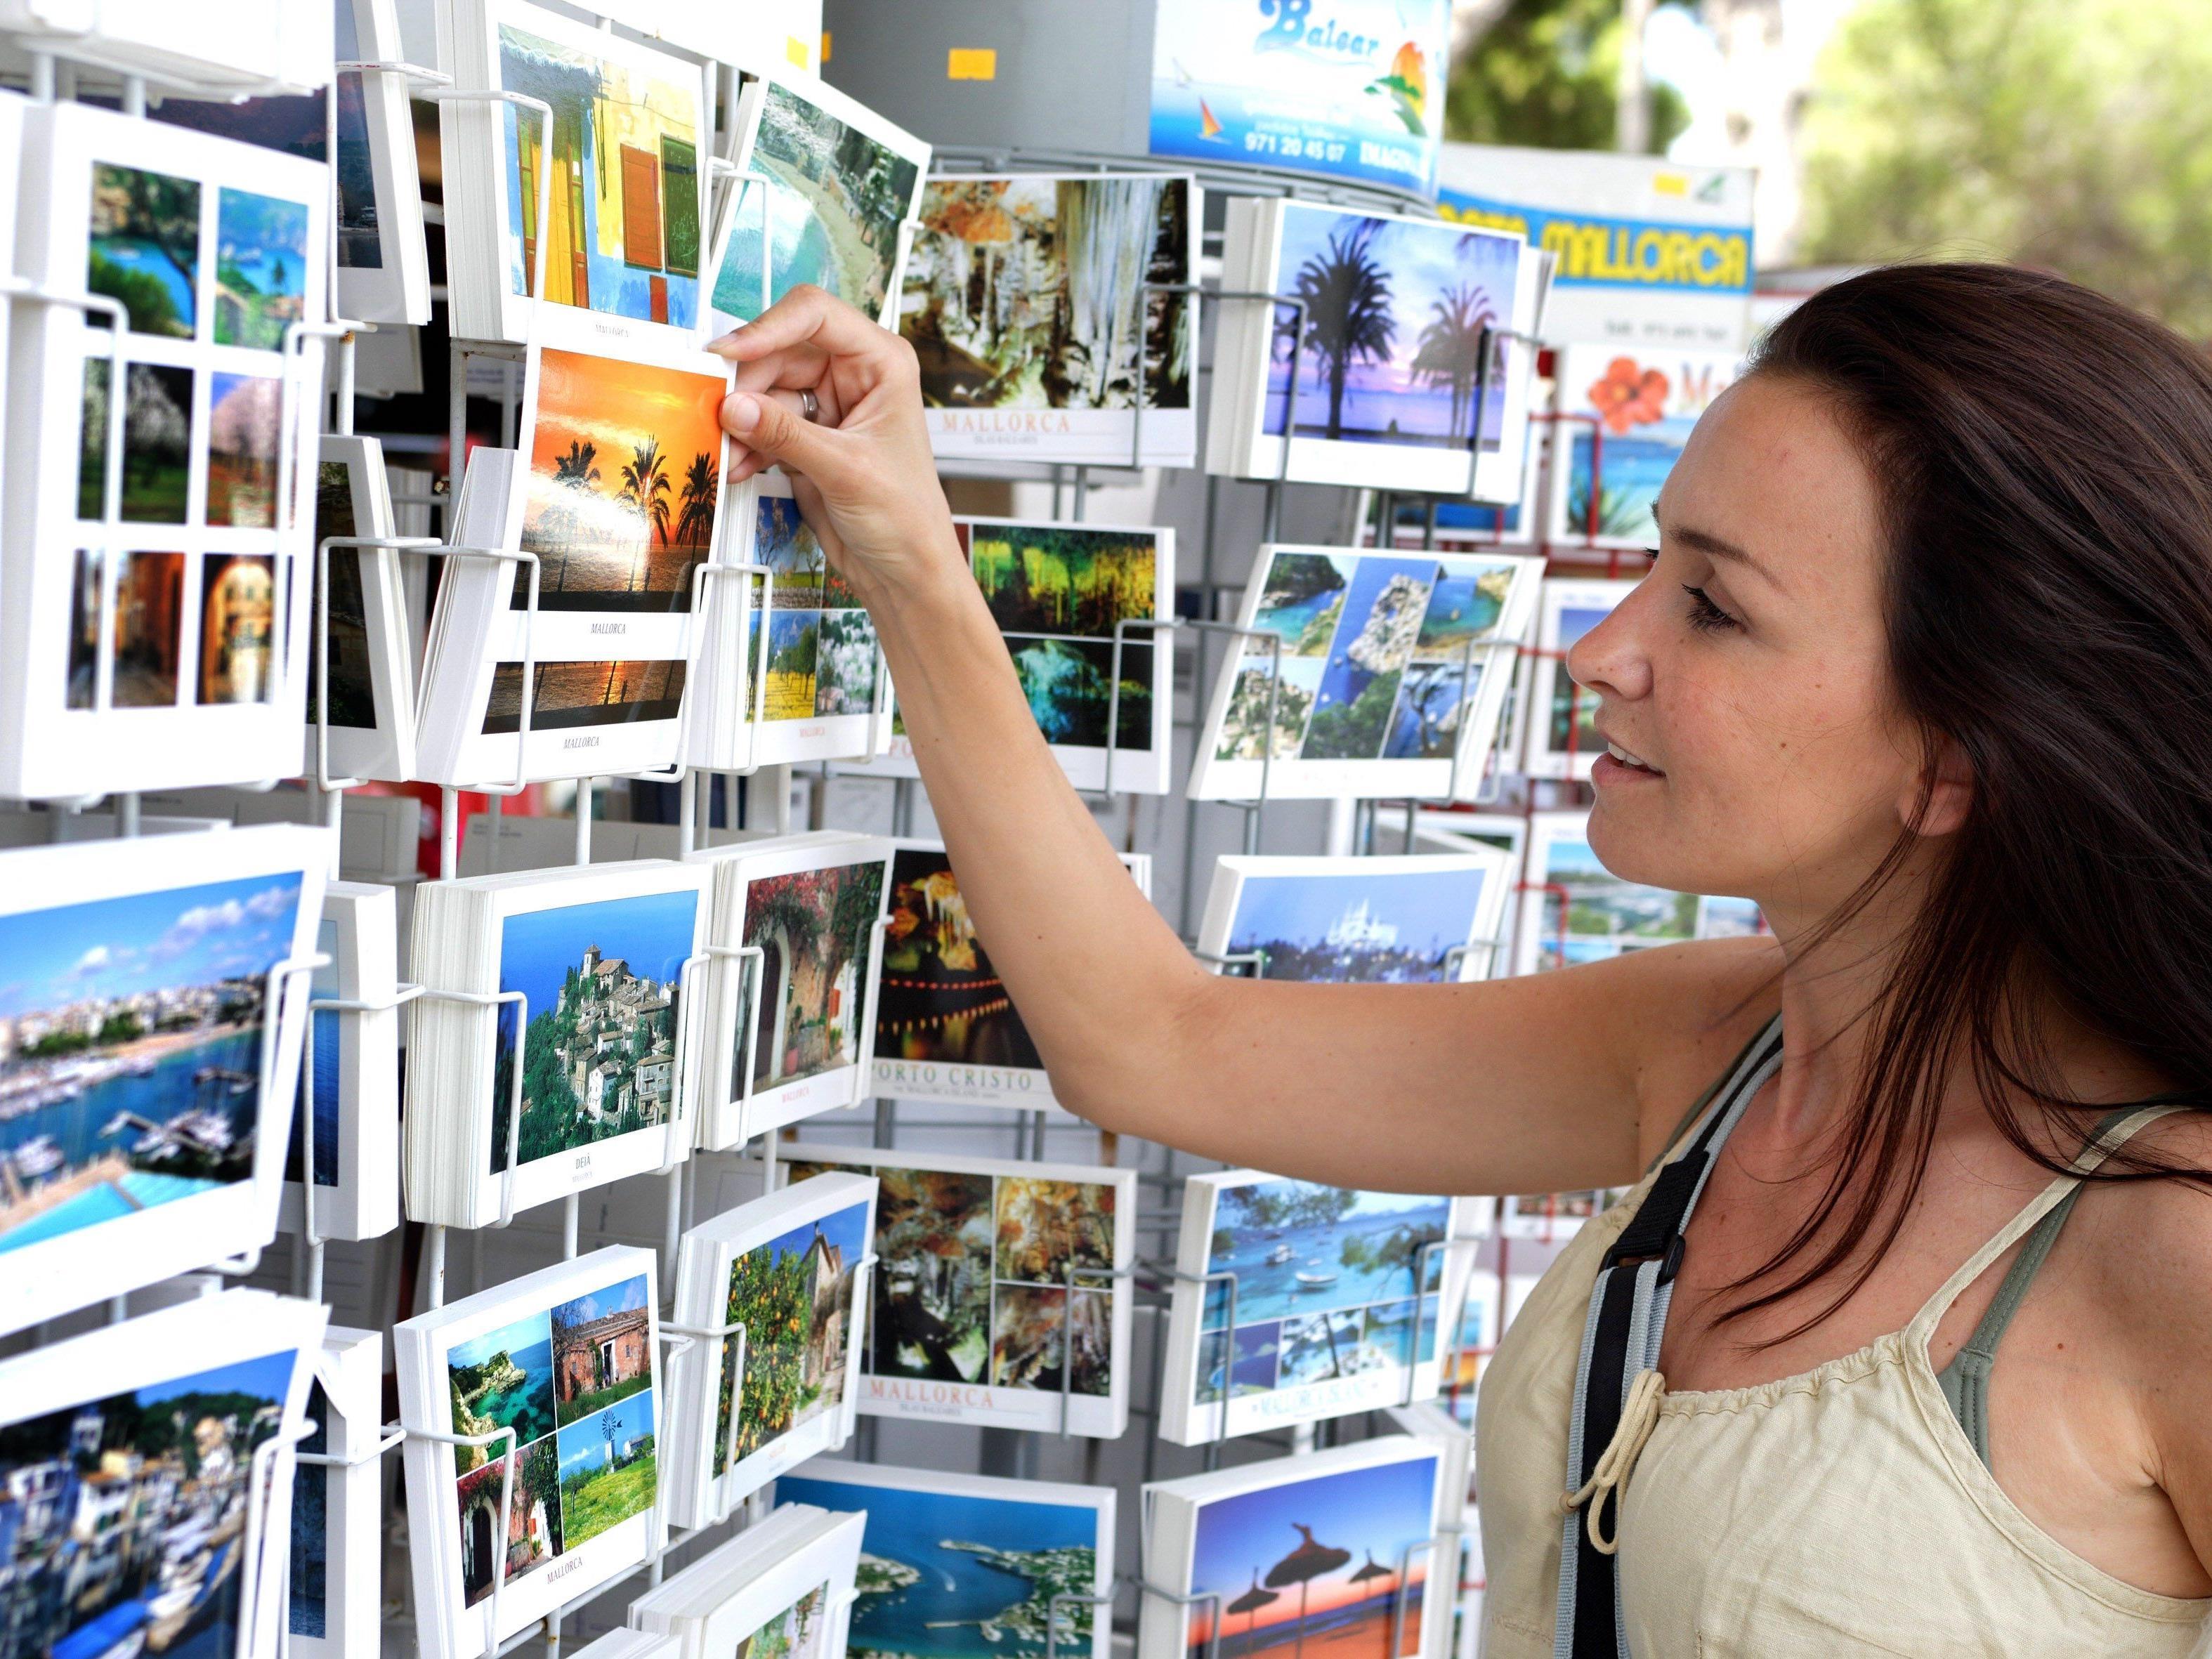 Taxe soll Ende 2016 auf Mallorca, Menorca, Ibiza und Formentera eingeführt werden.